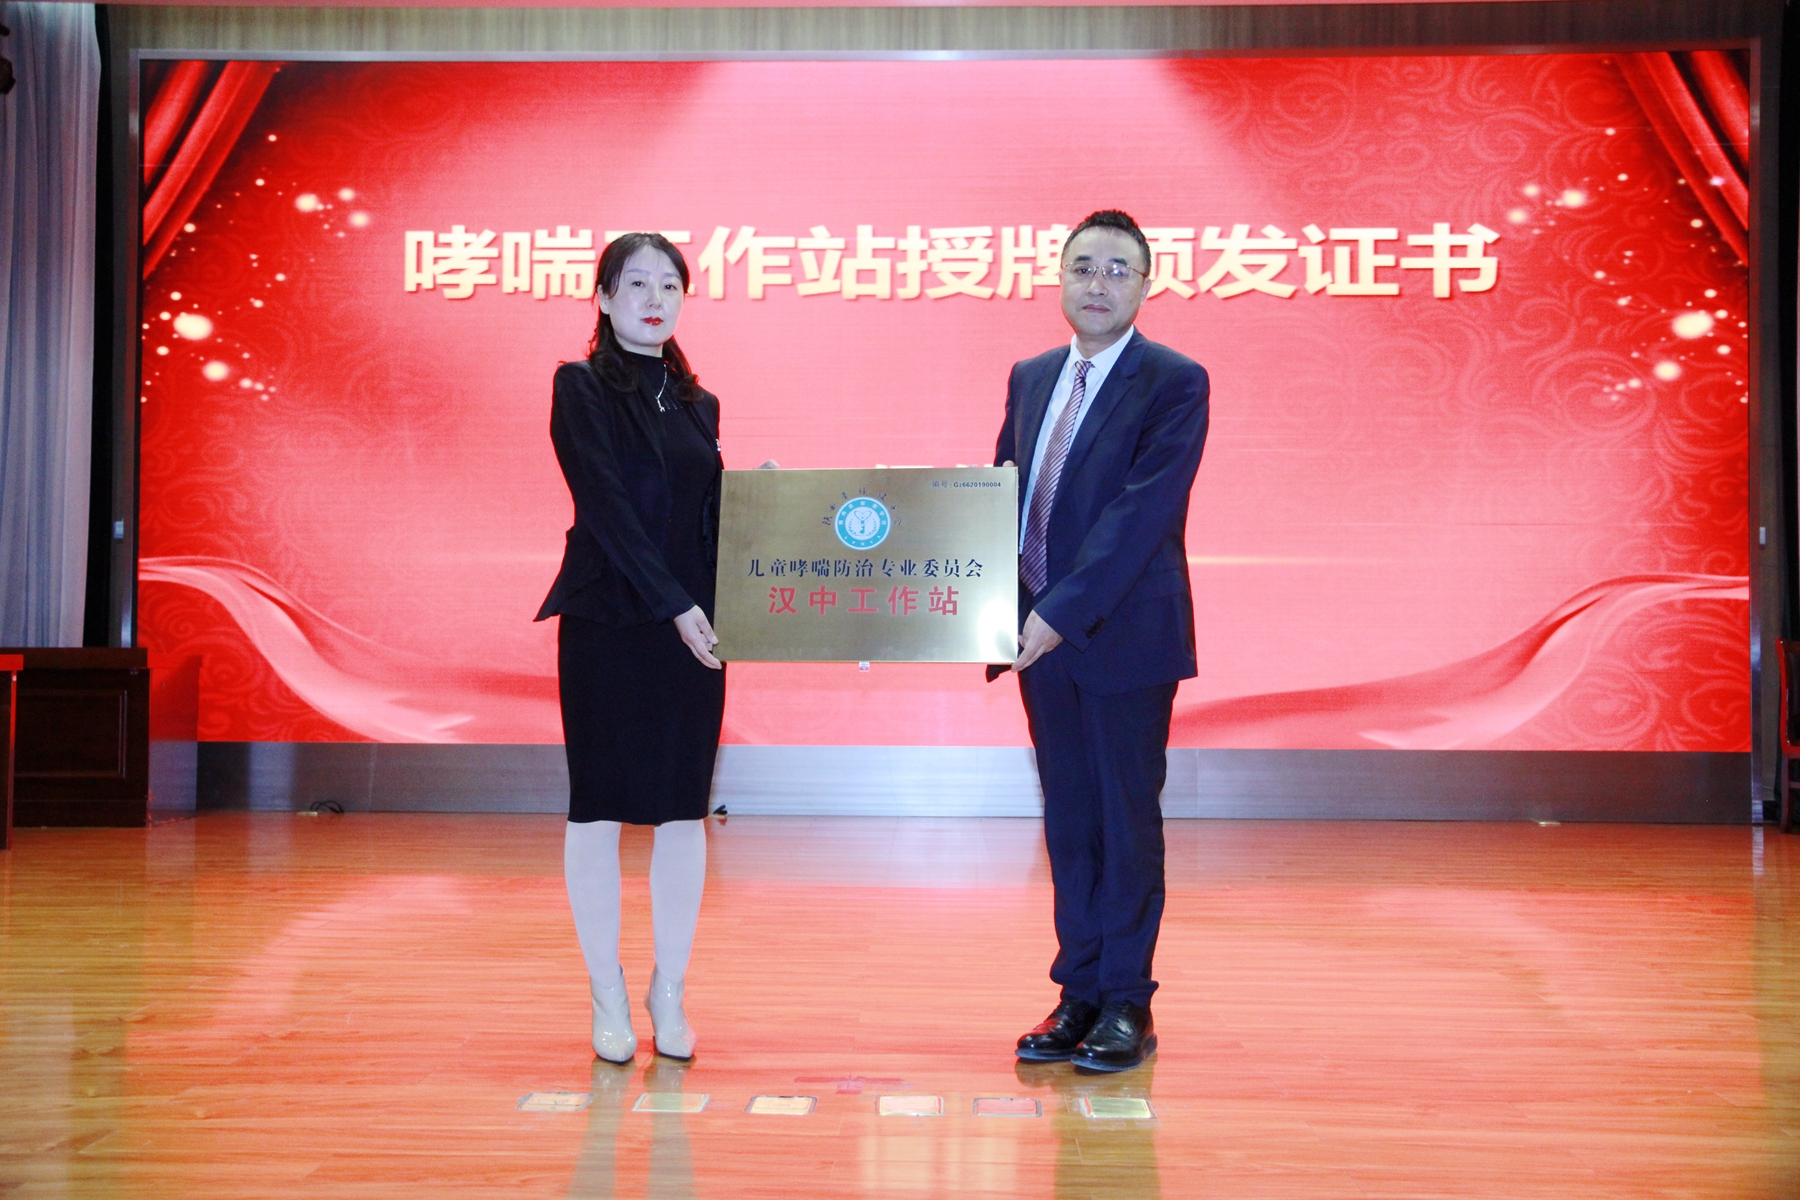 陕西省保健学会儿童哮喘防治专业委员会汉中工作站在乐赢彩票官网医院成立